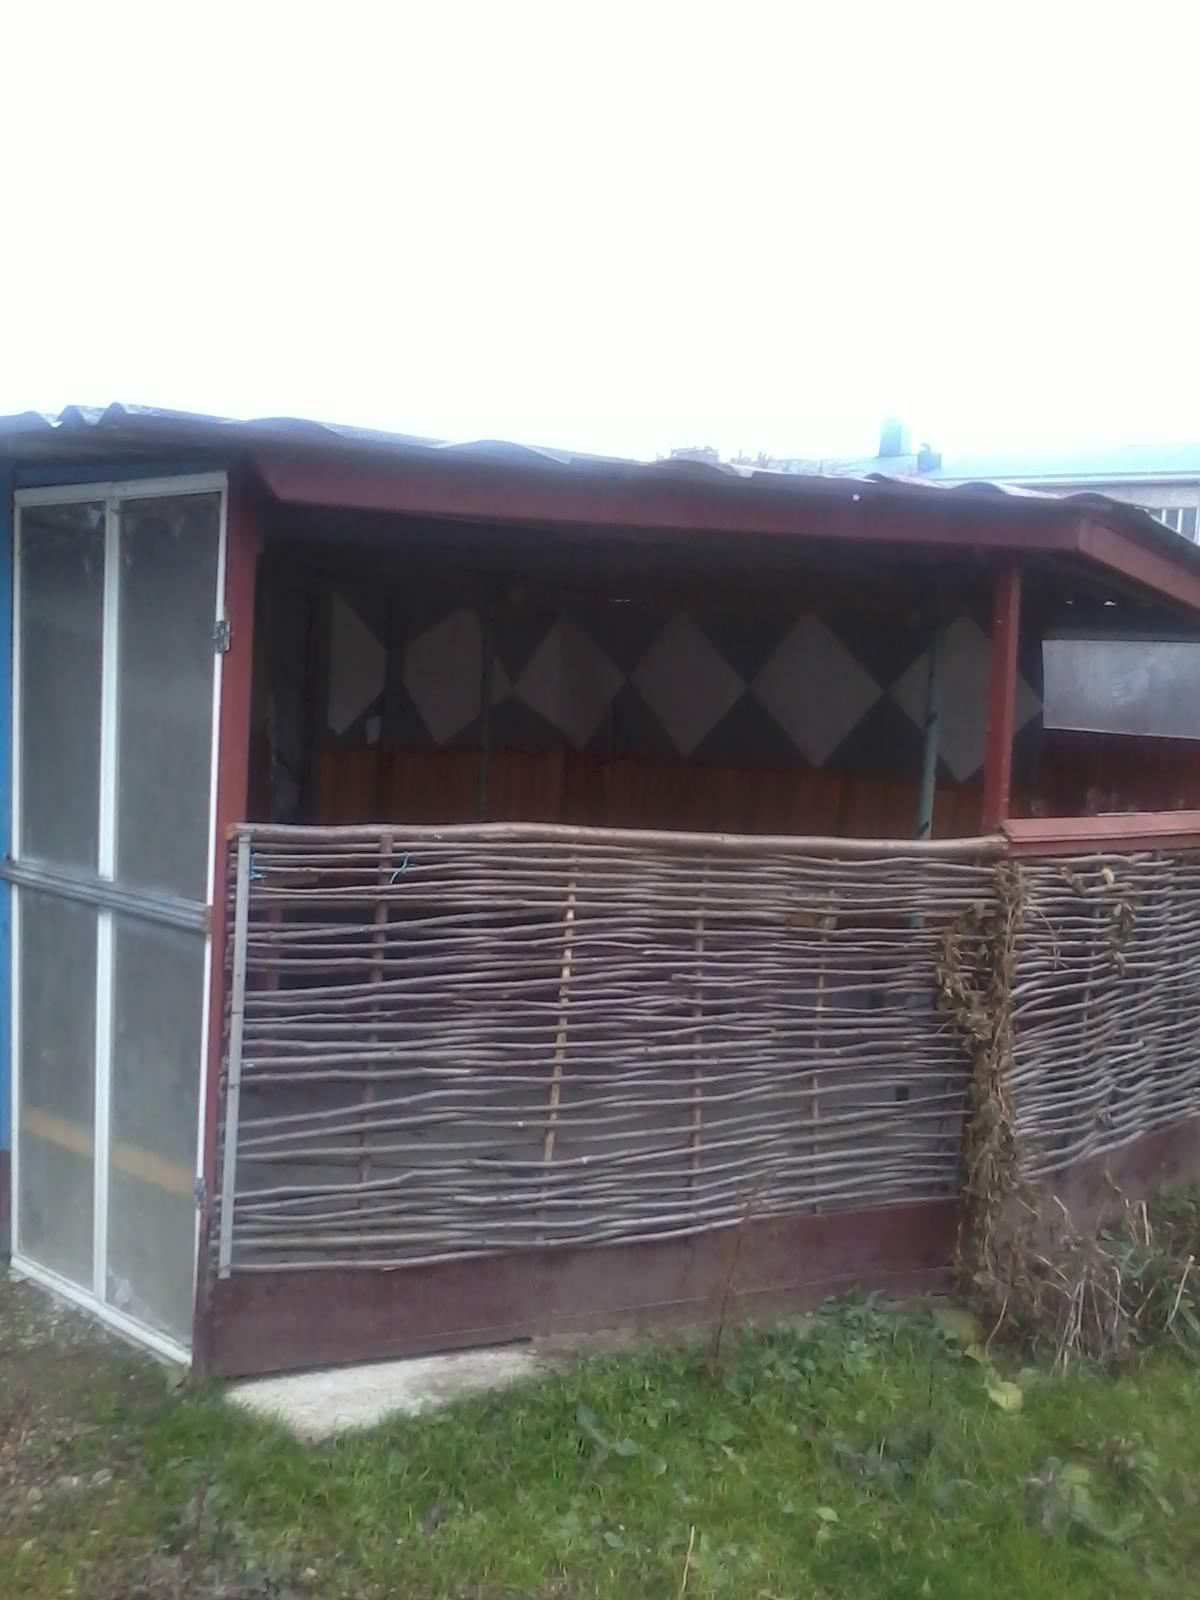 Квартира 3 комнатная в Удобный район Пригород